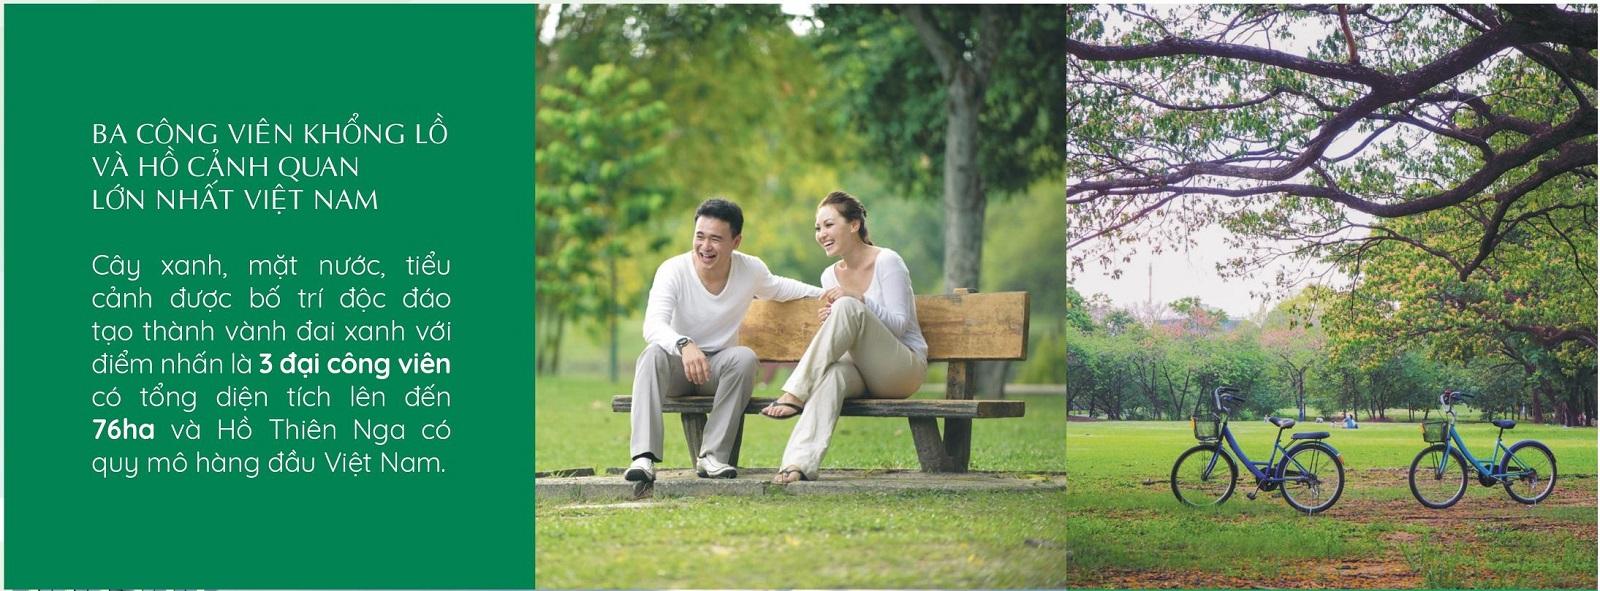 Dự án khu đô thị Swan Park nhơn trạch đồng nai